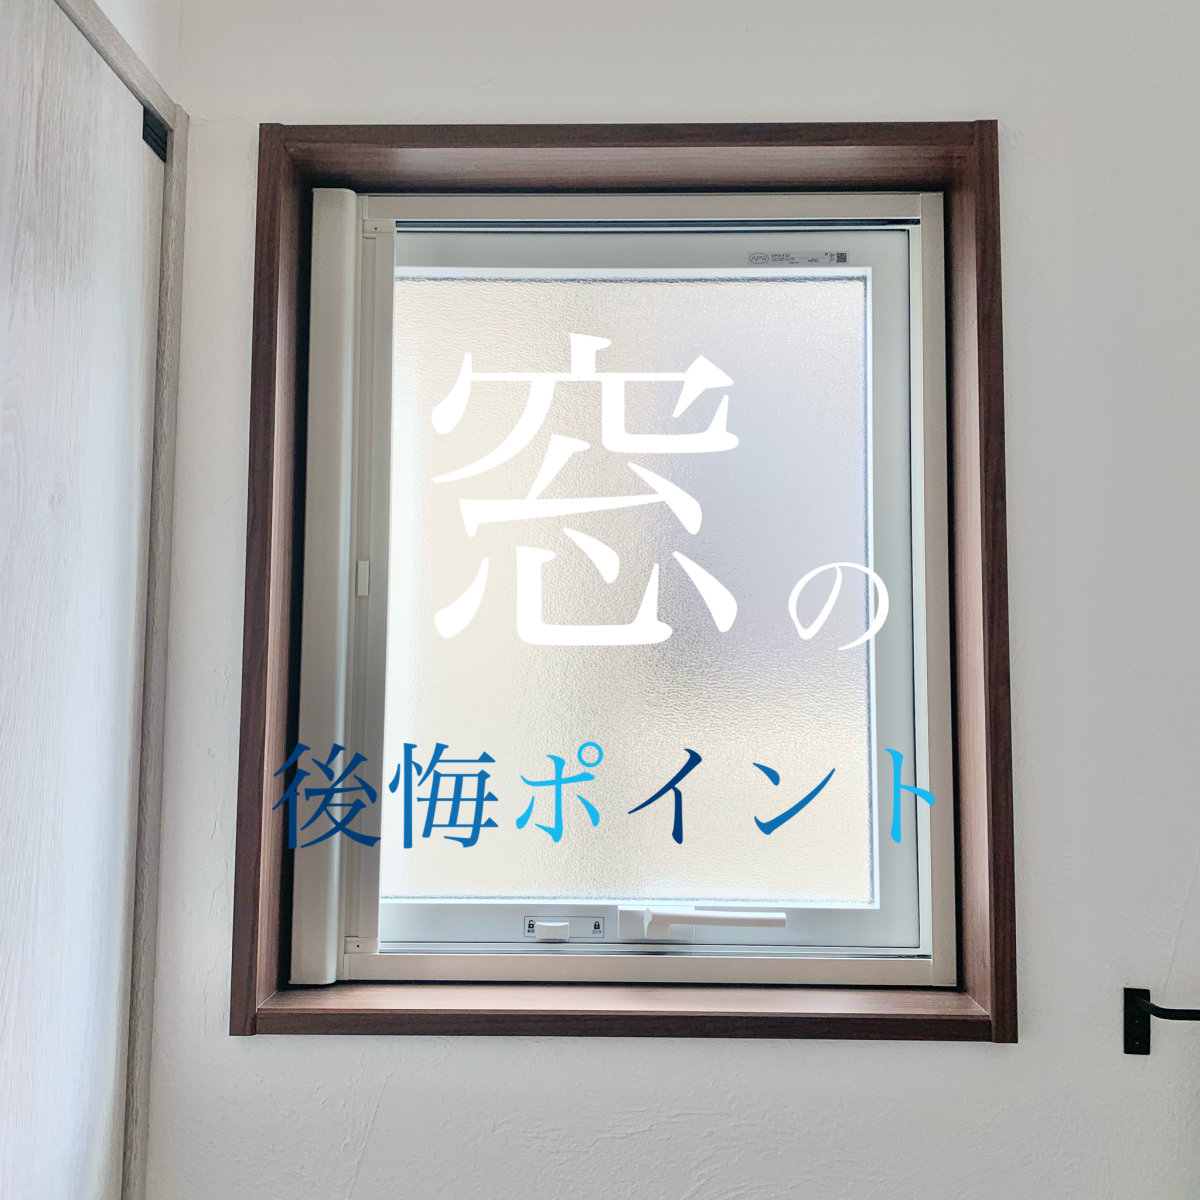 窓の種類と 我が家の後悔ポイント